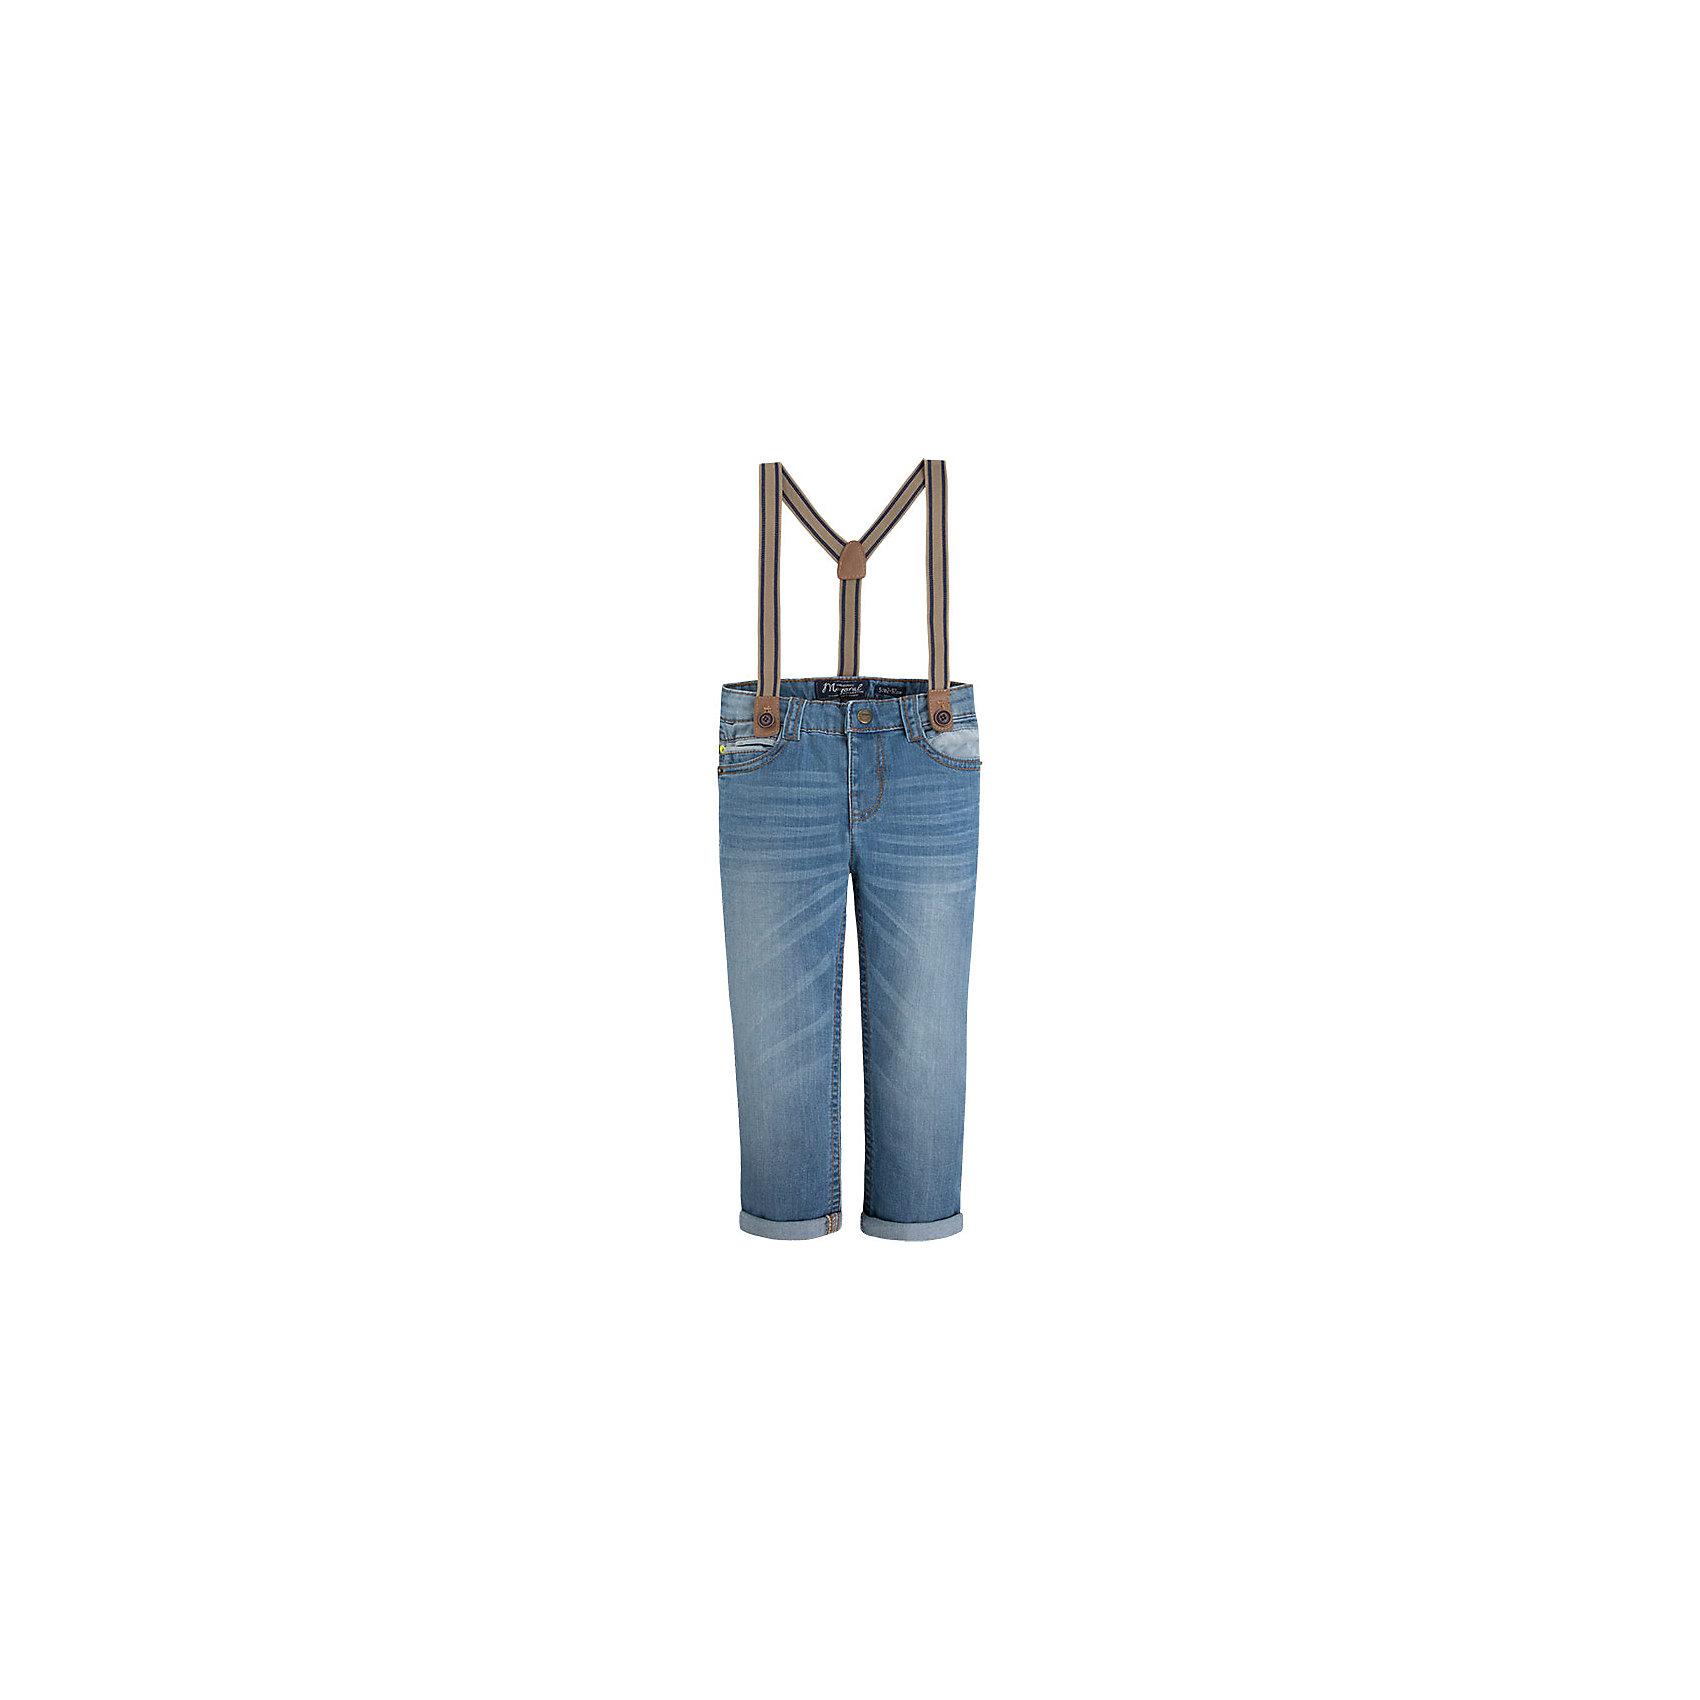 Джинсы для мальчика MayoralДжинсовая одежда<br>Джинсы для мальчика от известной испанской марки Mayoral - стильный и удобный вариант, который придется по вкусу всем юным модникам. <br><br>Дополнительная информация:<br><br>- Стильные подтяжки в комплекте.<br>- Прямой крой брючин.<br>- С отворотами. <br>- Тип застежки: молния, кнопка.<br>- Количество карманов: 5. <br>- Карманы декорированы вставками из голубого материала. <br>- Регулировка на талии с помощью внутренней резинки.  <br>- Подтяжки отстегиваются. <br>- Состав: 98% хлопок, 2% эластан.<br><br>Джинсы для мальчика Mayoral (Майорал) можно купить в нашем магазине.<br><br>Ширина мм: 215<br>Глубина мм: 88<br>Высота мм: 191<br>Вес г: 336<br>Цвет: голубой<br>Возраст от месяцев: 60<br>Возраст до месяцев: 72<br>Пол: Мужской<br>Возраст: Детский<br>Размер: 116,122,134,128,104,98,110<br>SKU: 4542579